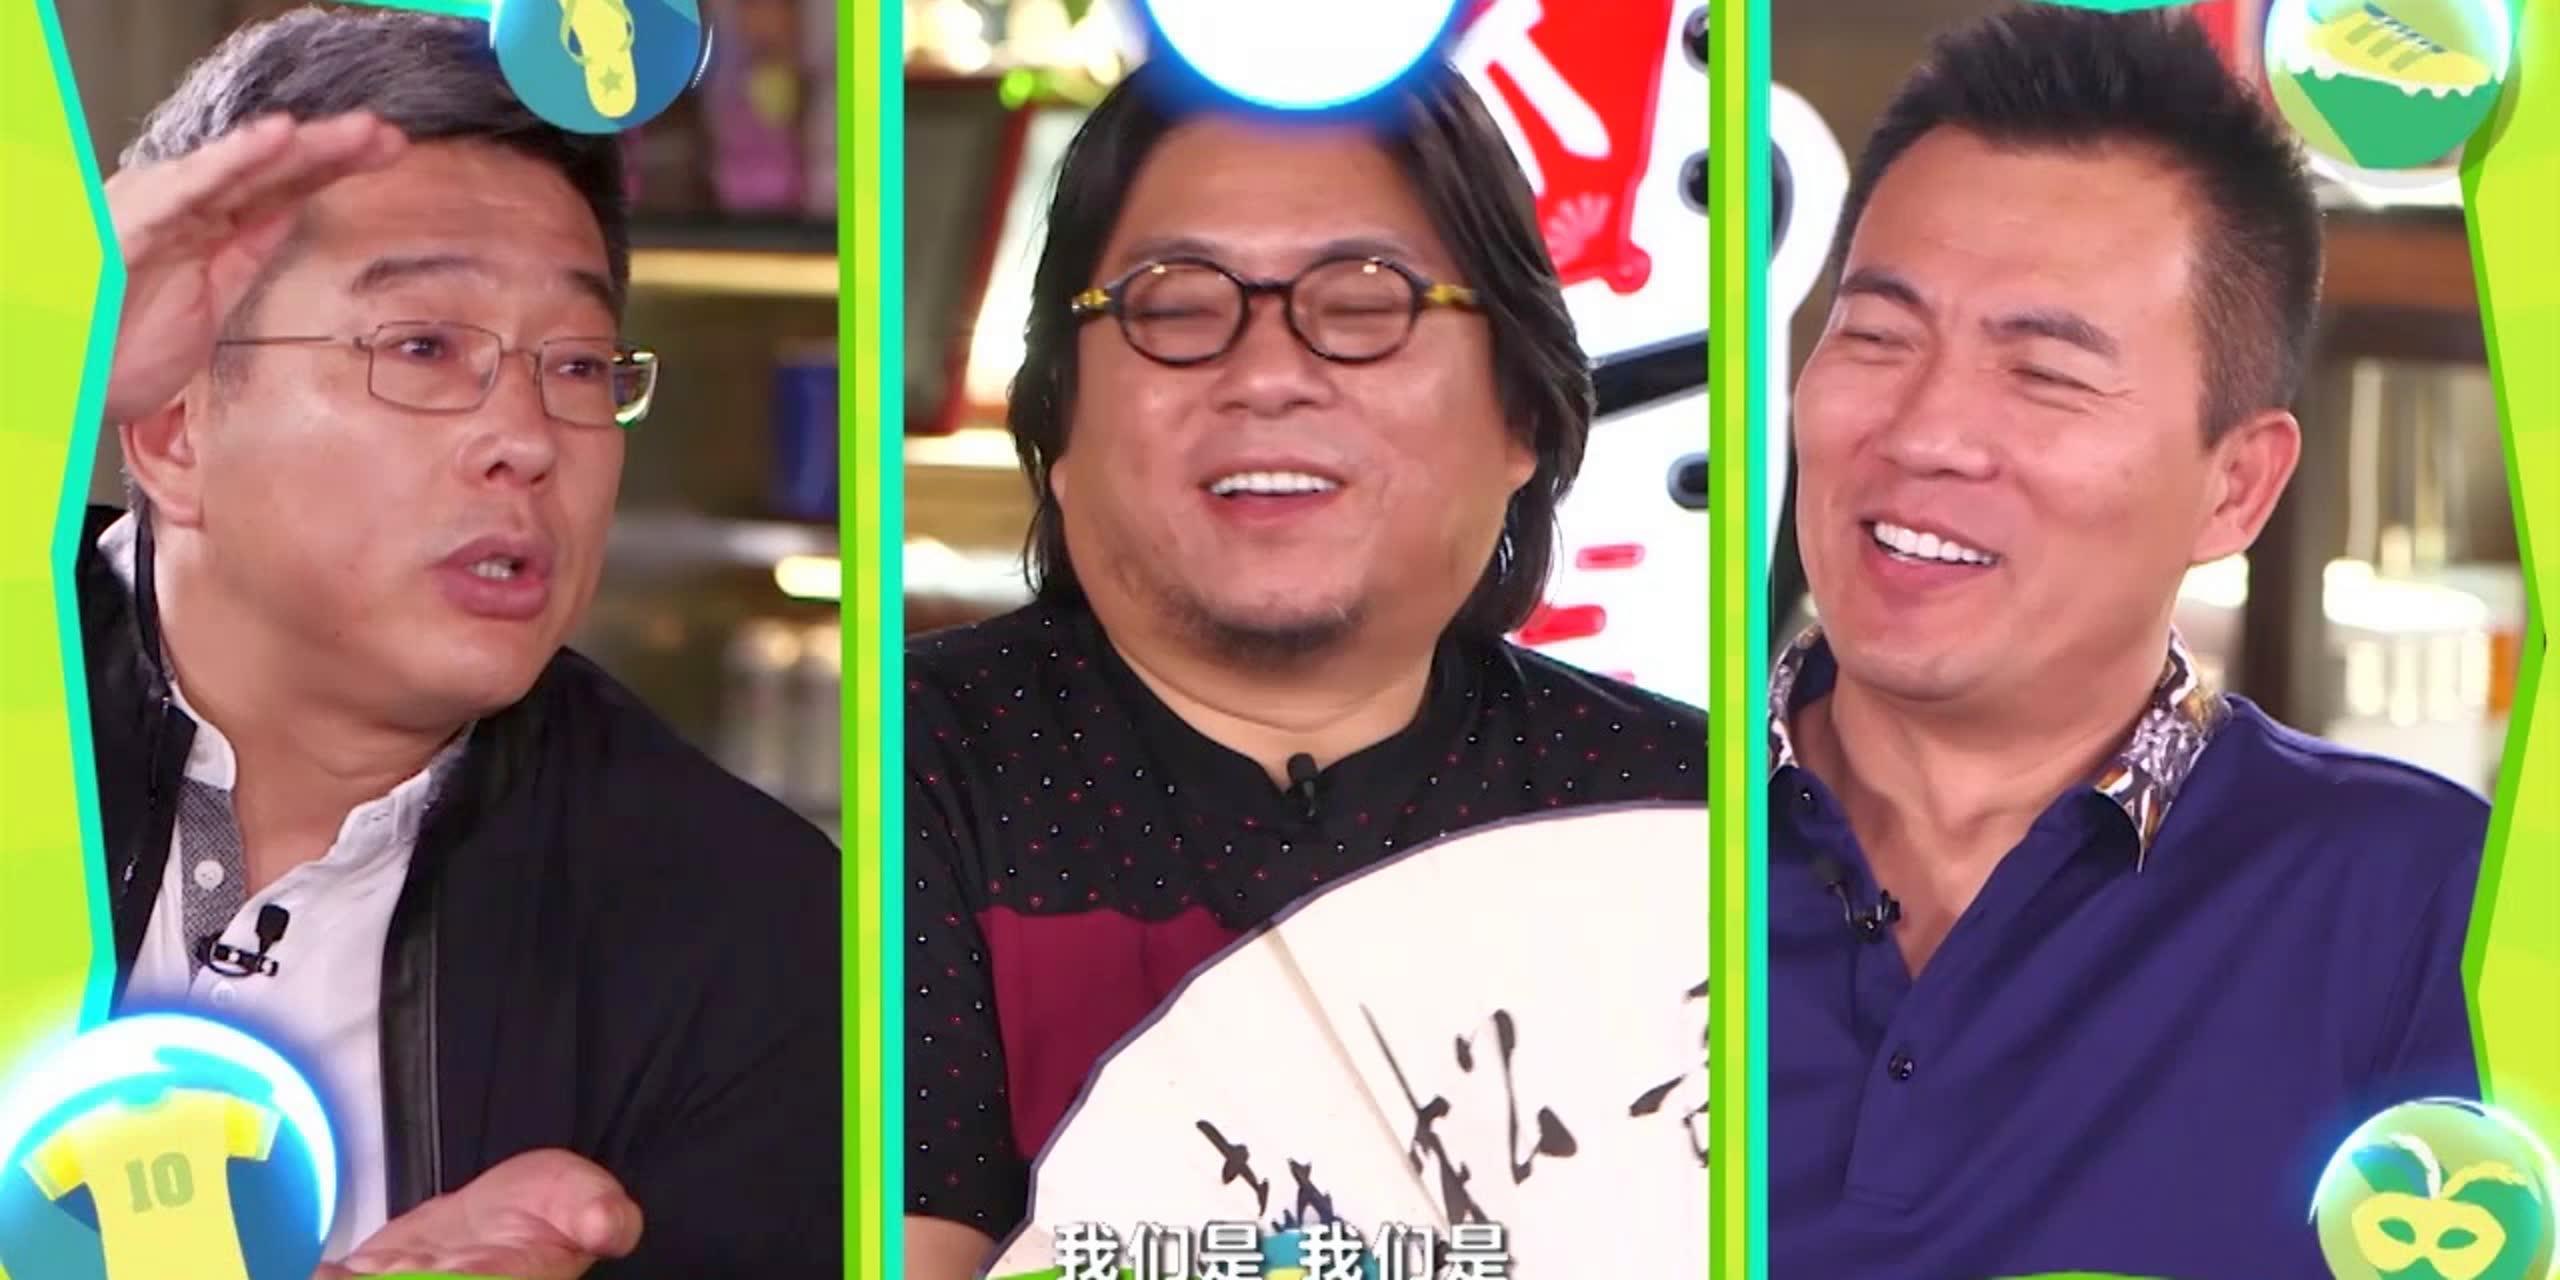 刘建宏:上大学时喜欢劳德鲁普 被同班女生发现